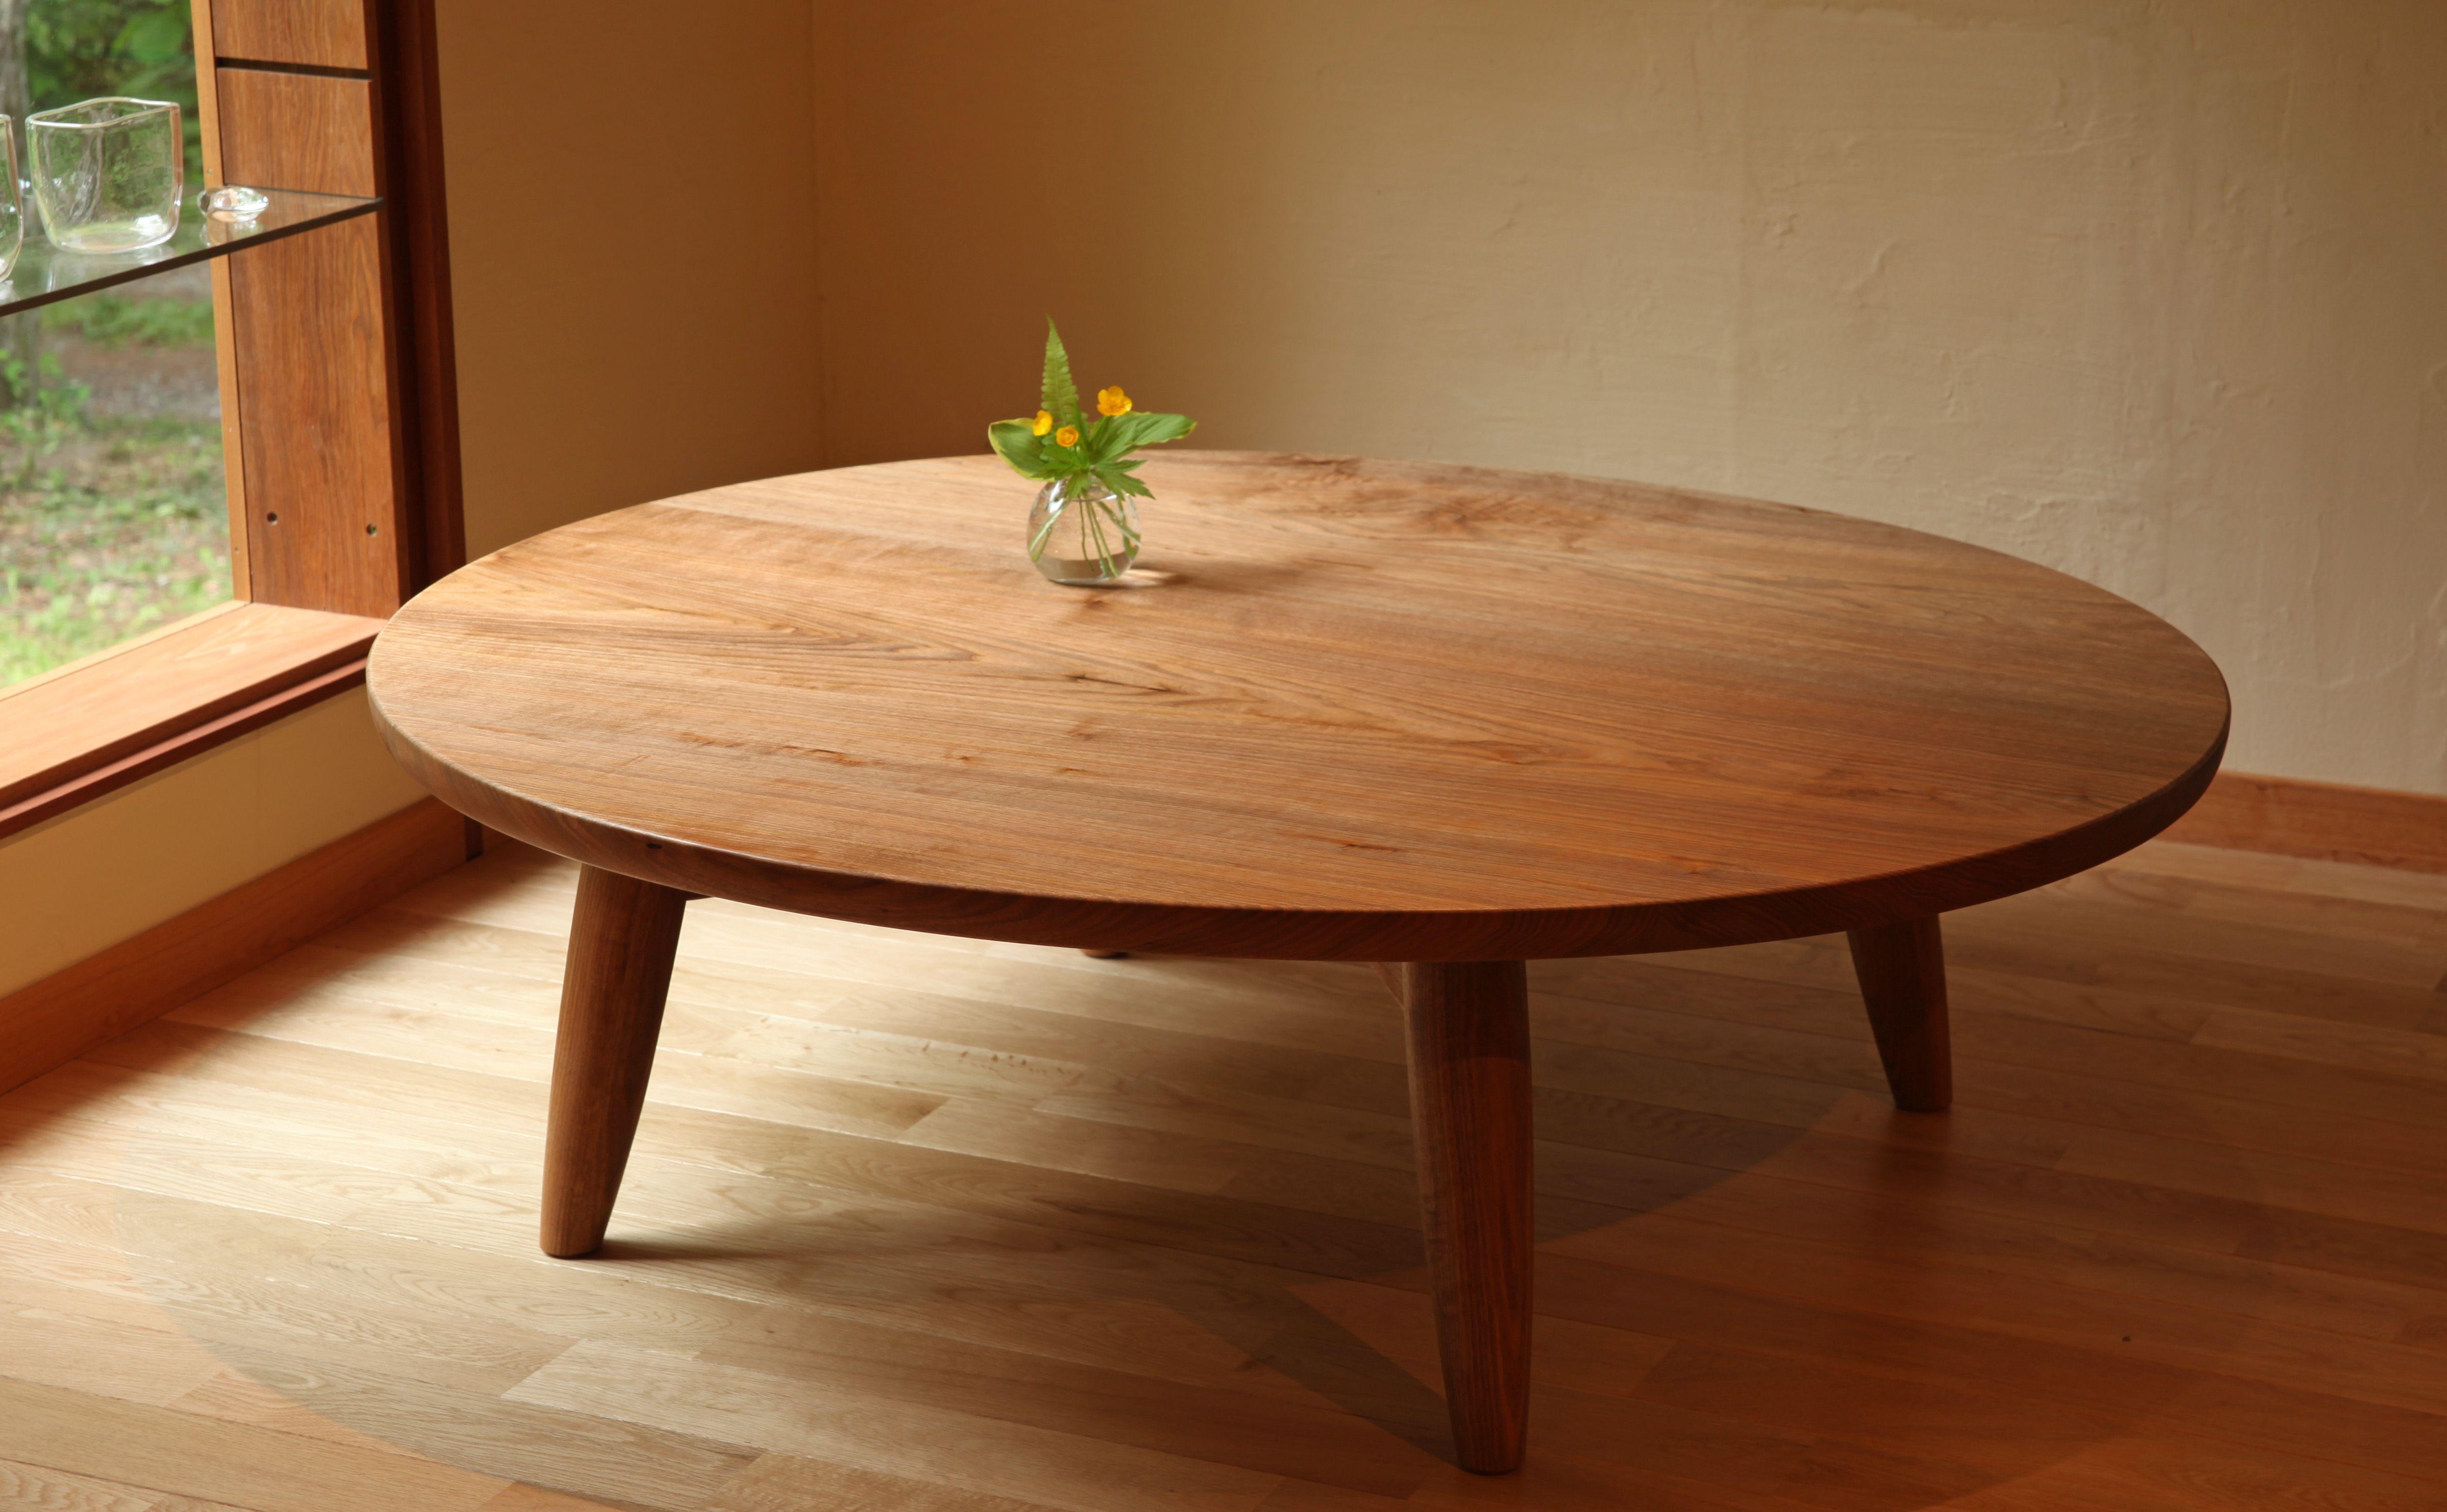 たまごローテーブル ローテーブル 丸い テーブル 座卓